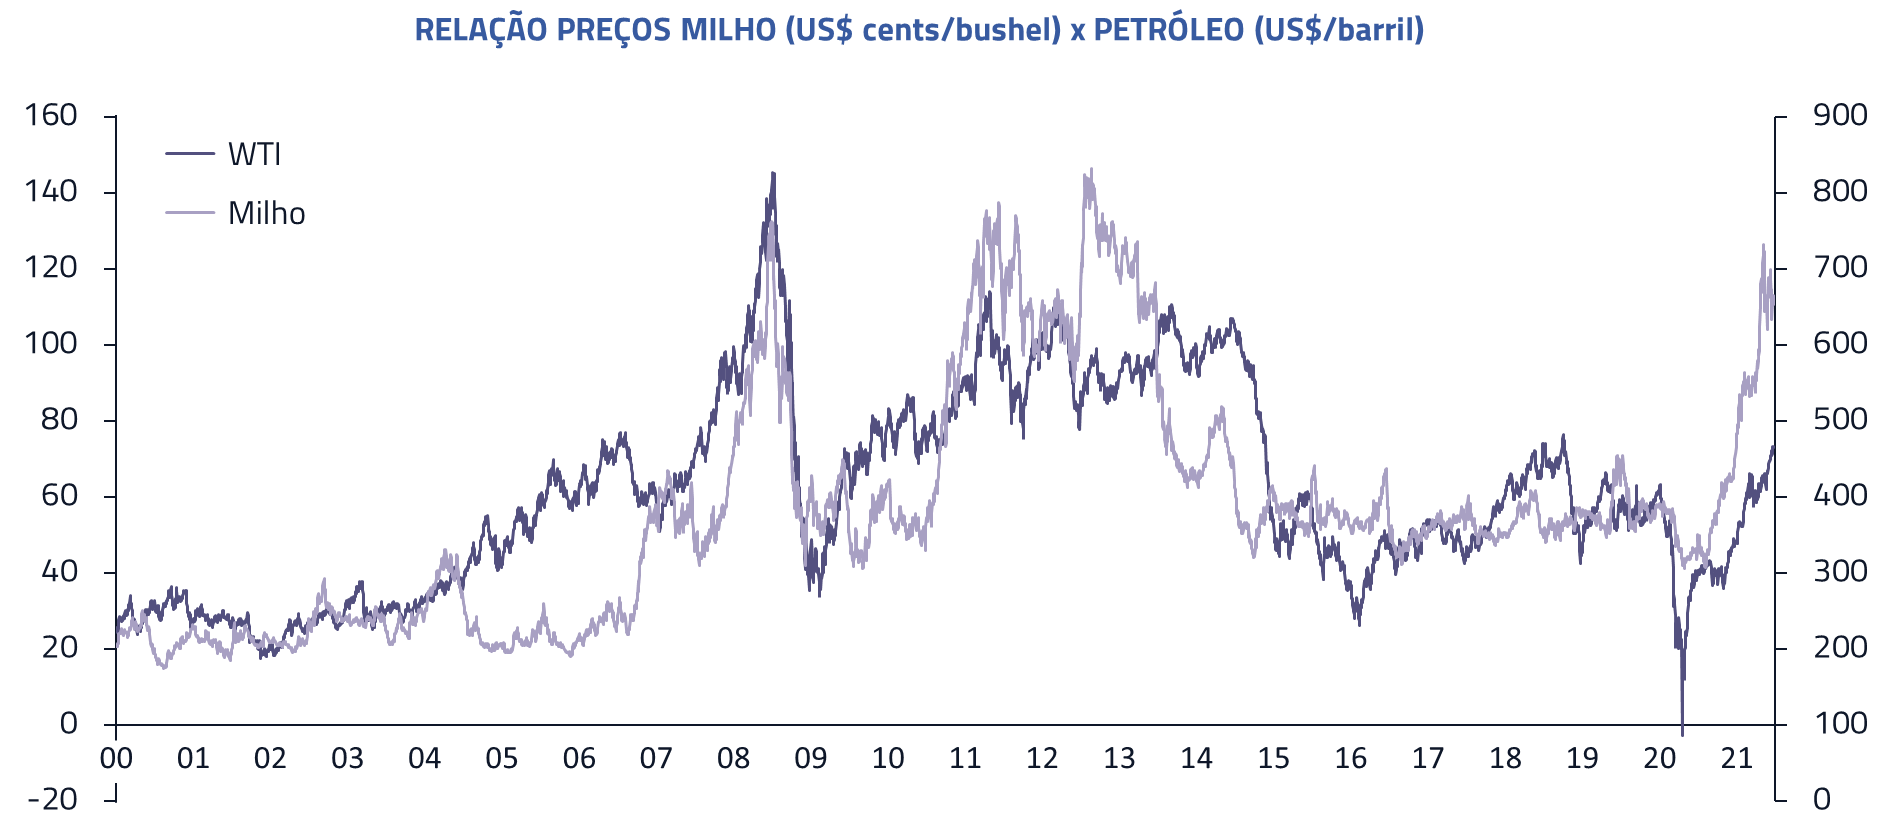 Relação preços milho vs Petroleo